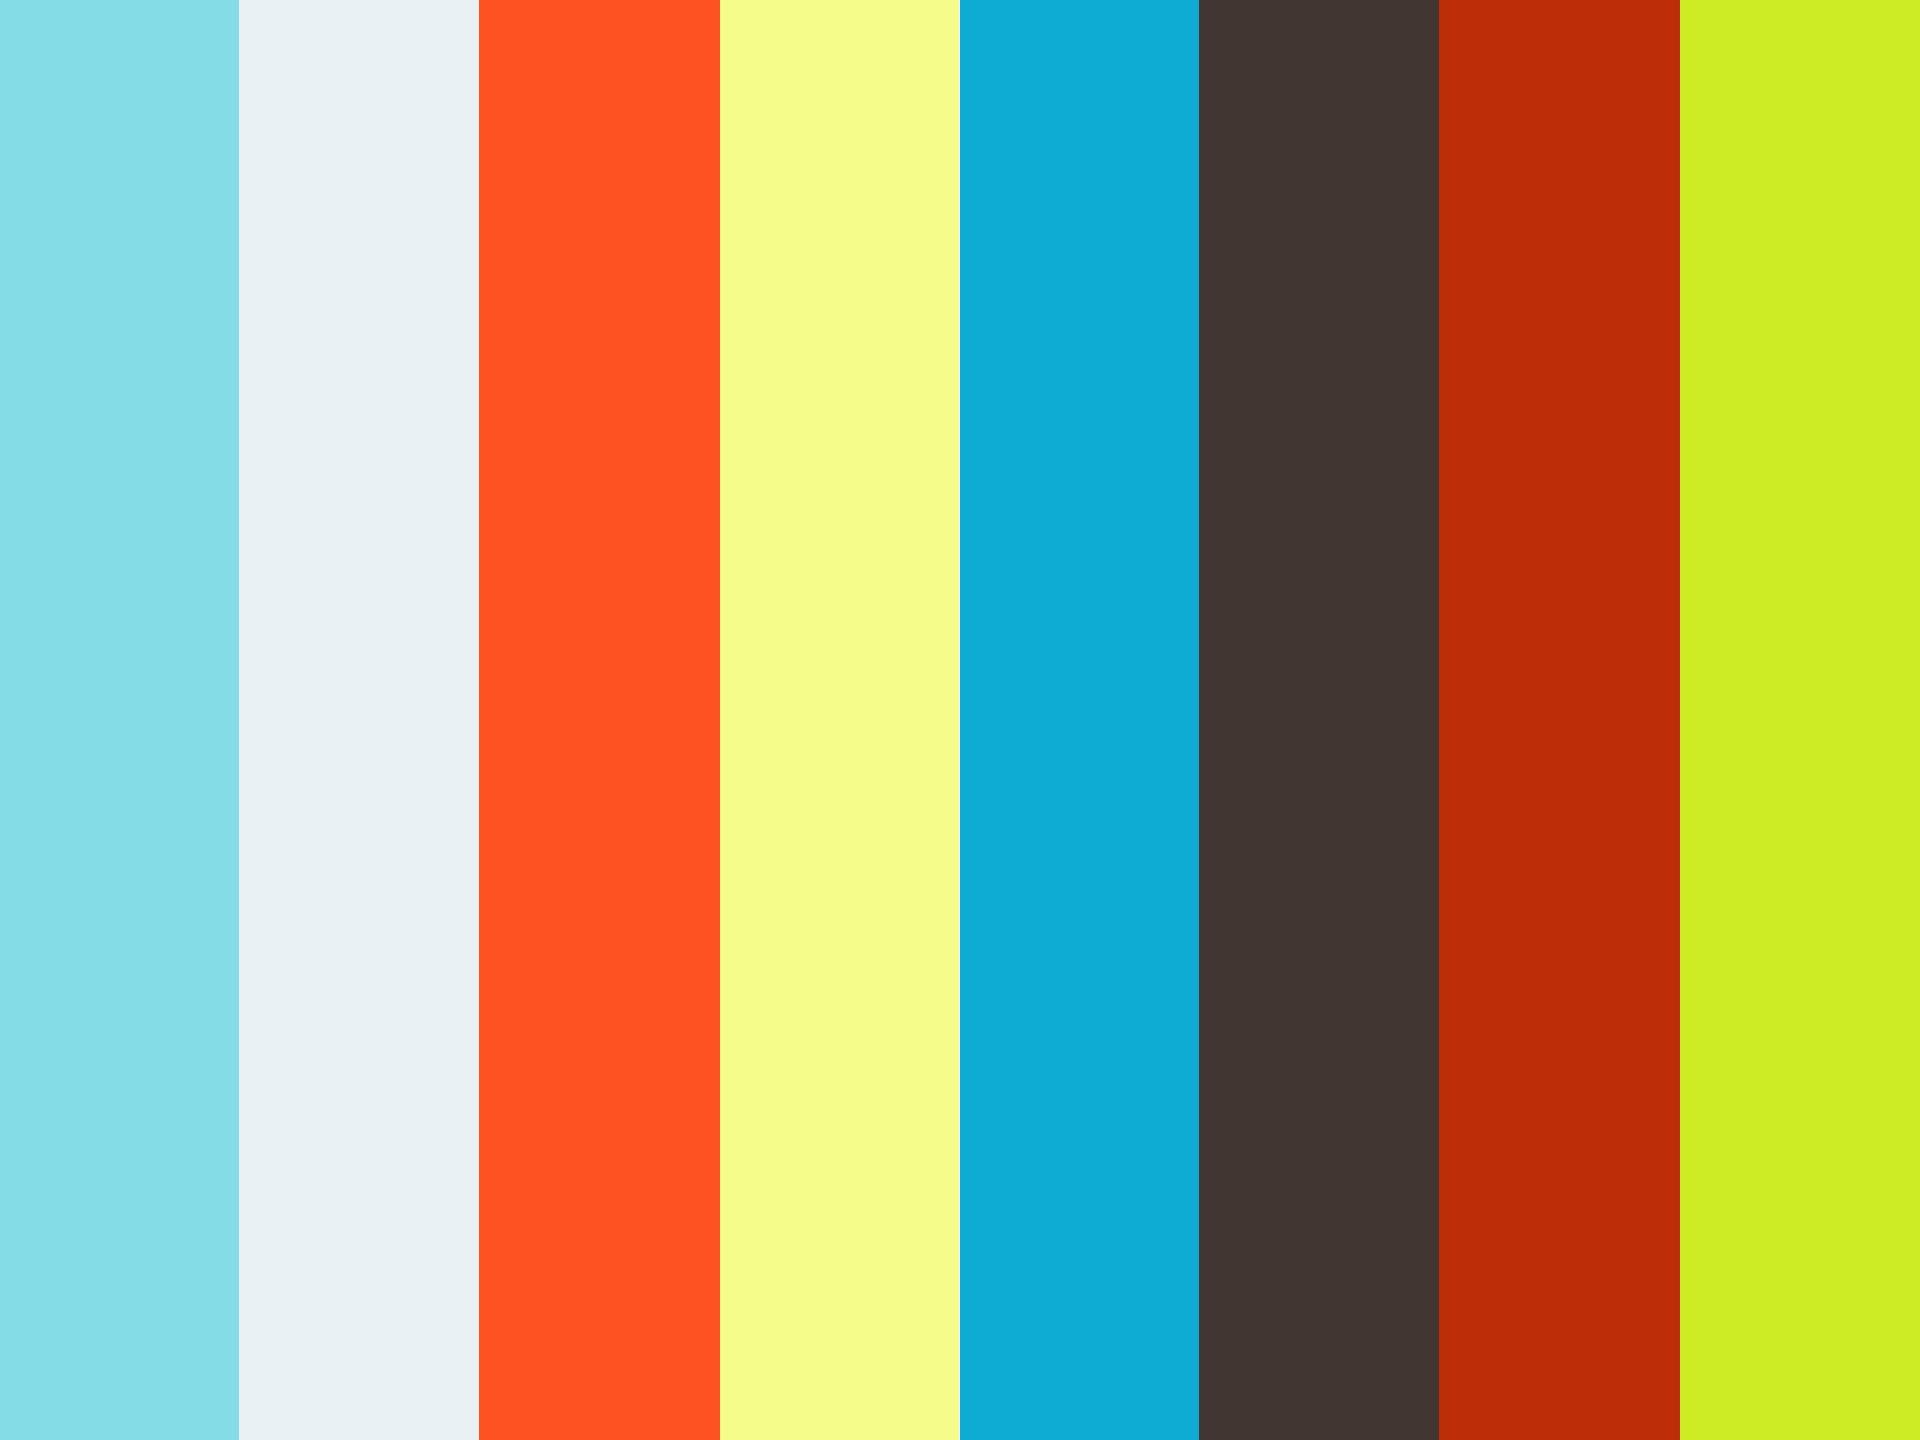 Site De Rencontre Gay Pour Baiser Et Plan Cul